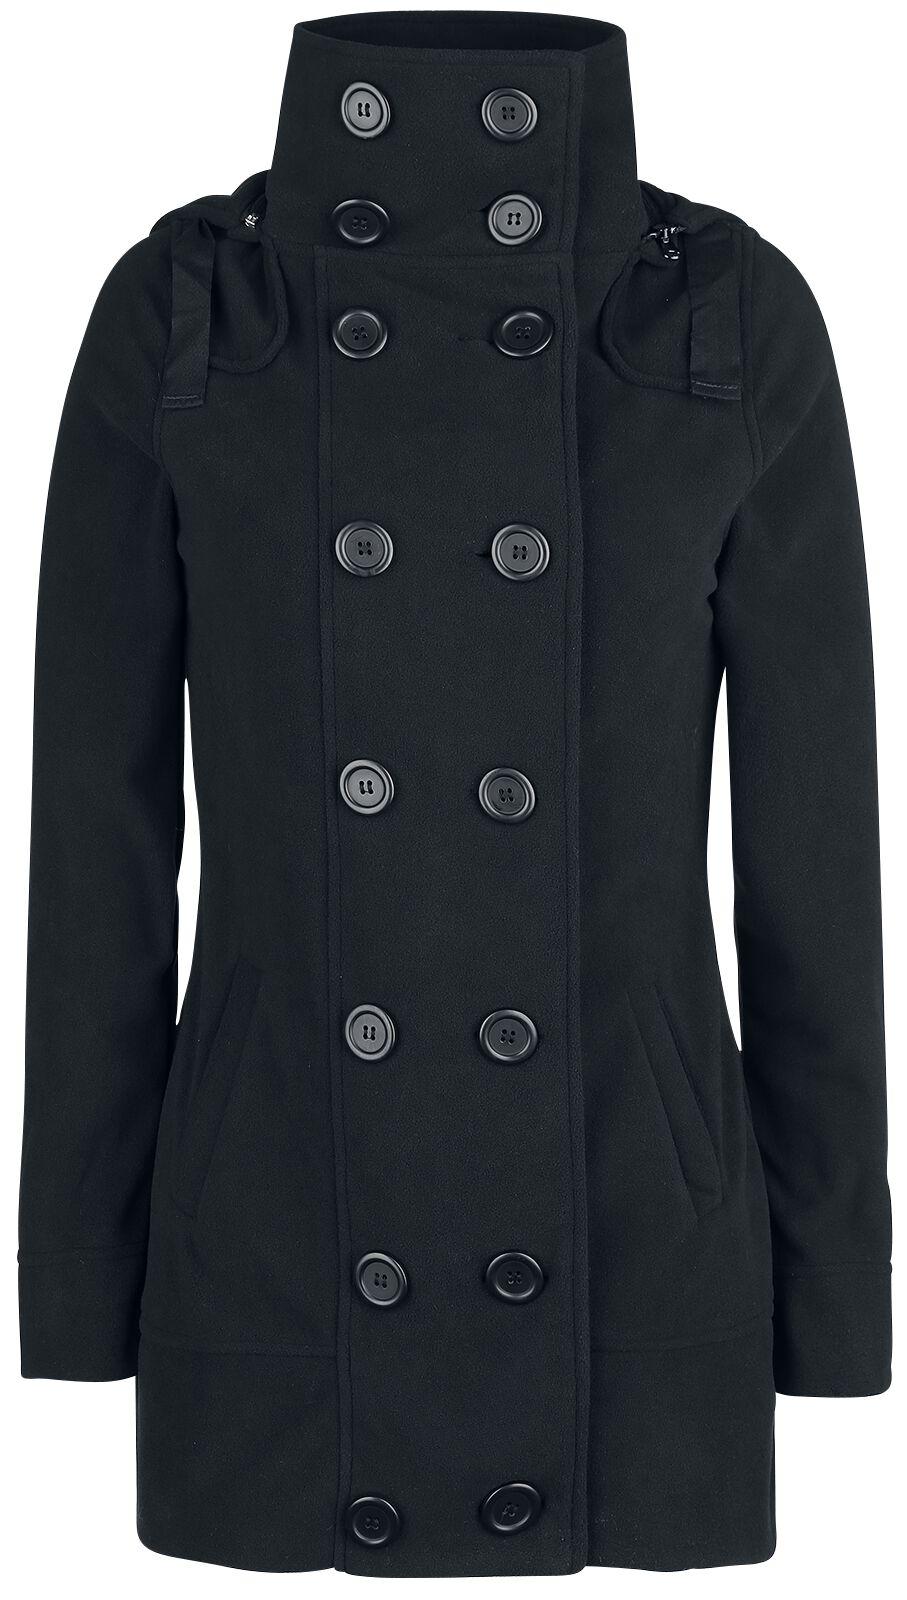 Brandit Madisson Fleece Mantel Płaszcz damski czarny